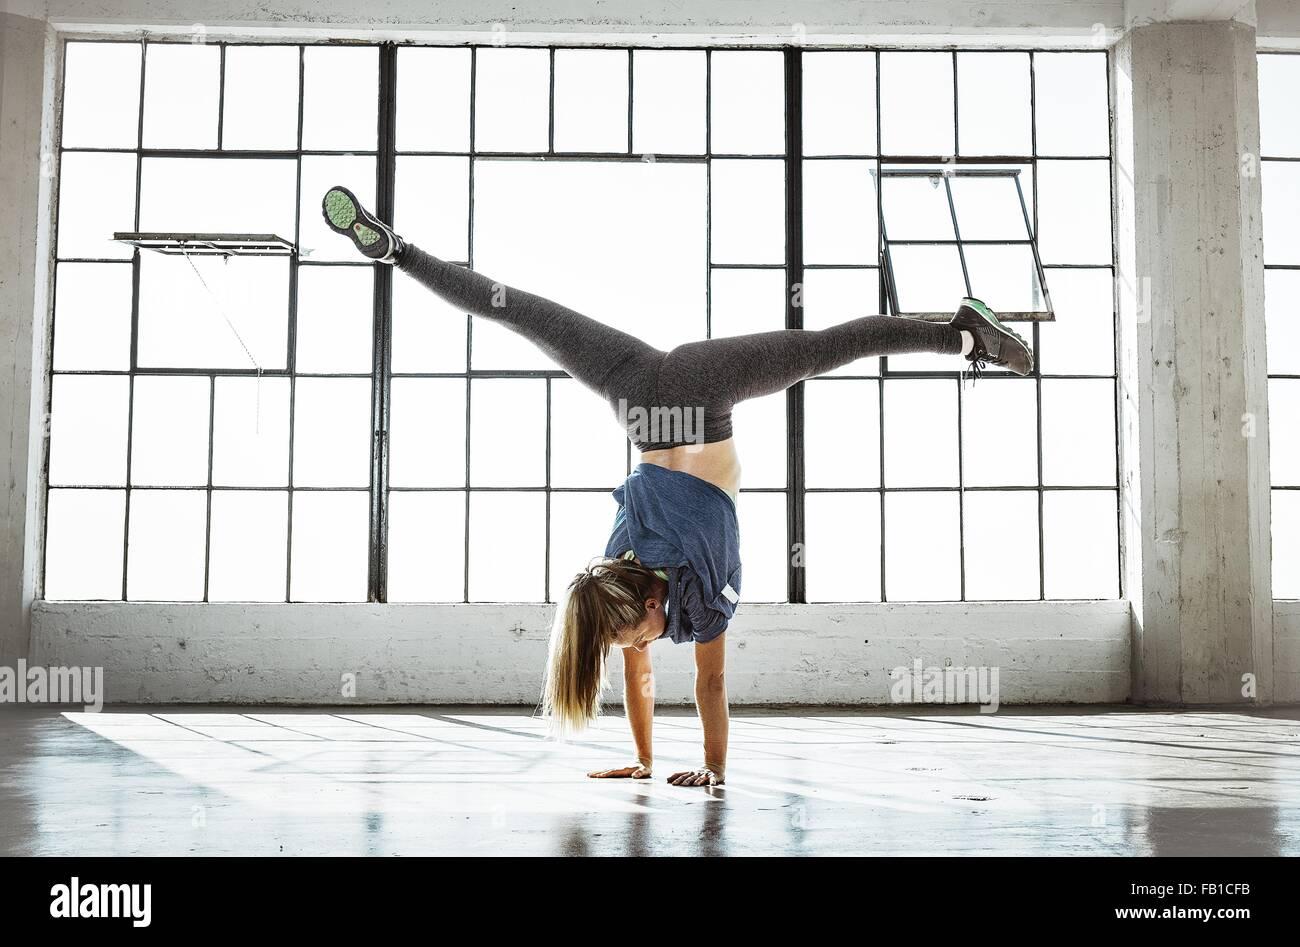 Vista posteriore della giovane donna in palestra facendo handstand, aprire le gambe Immagini Stock